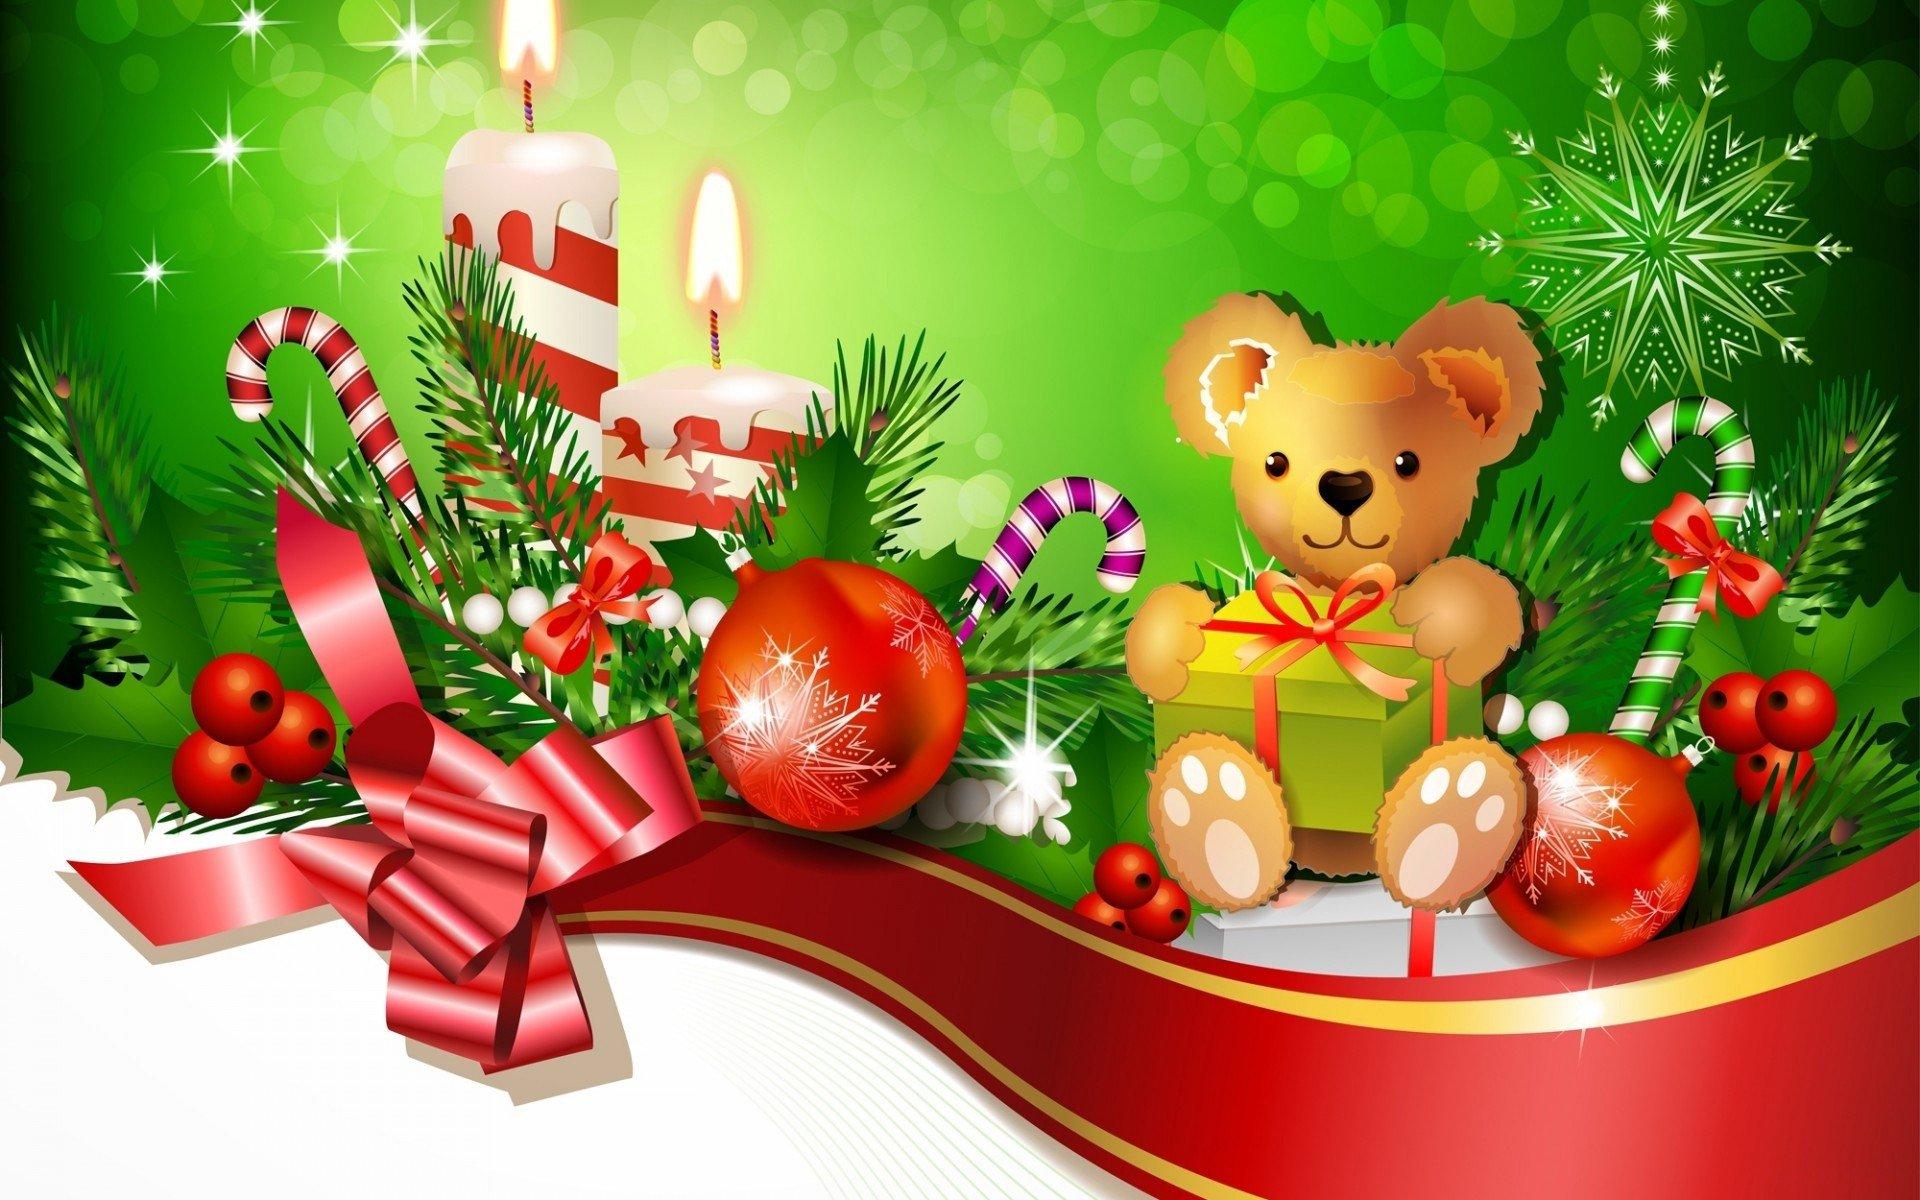 Fondos Para Pantallas De Grinch Para Navidad: Navidad Juguetes Adornos Bolas Wallpaper